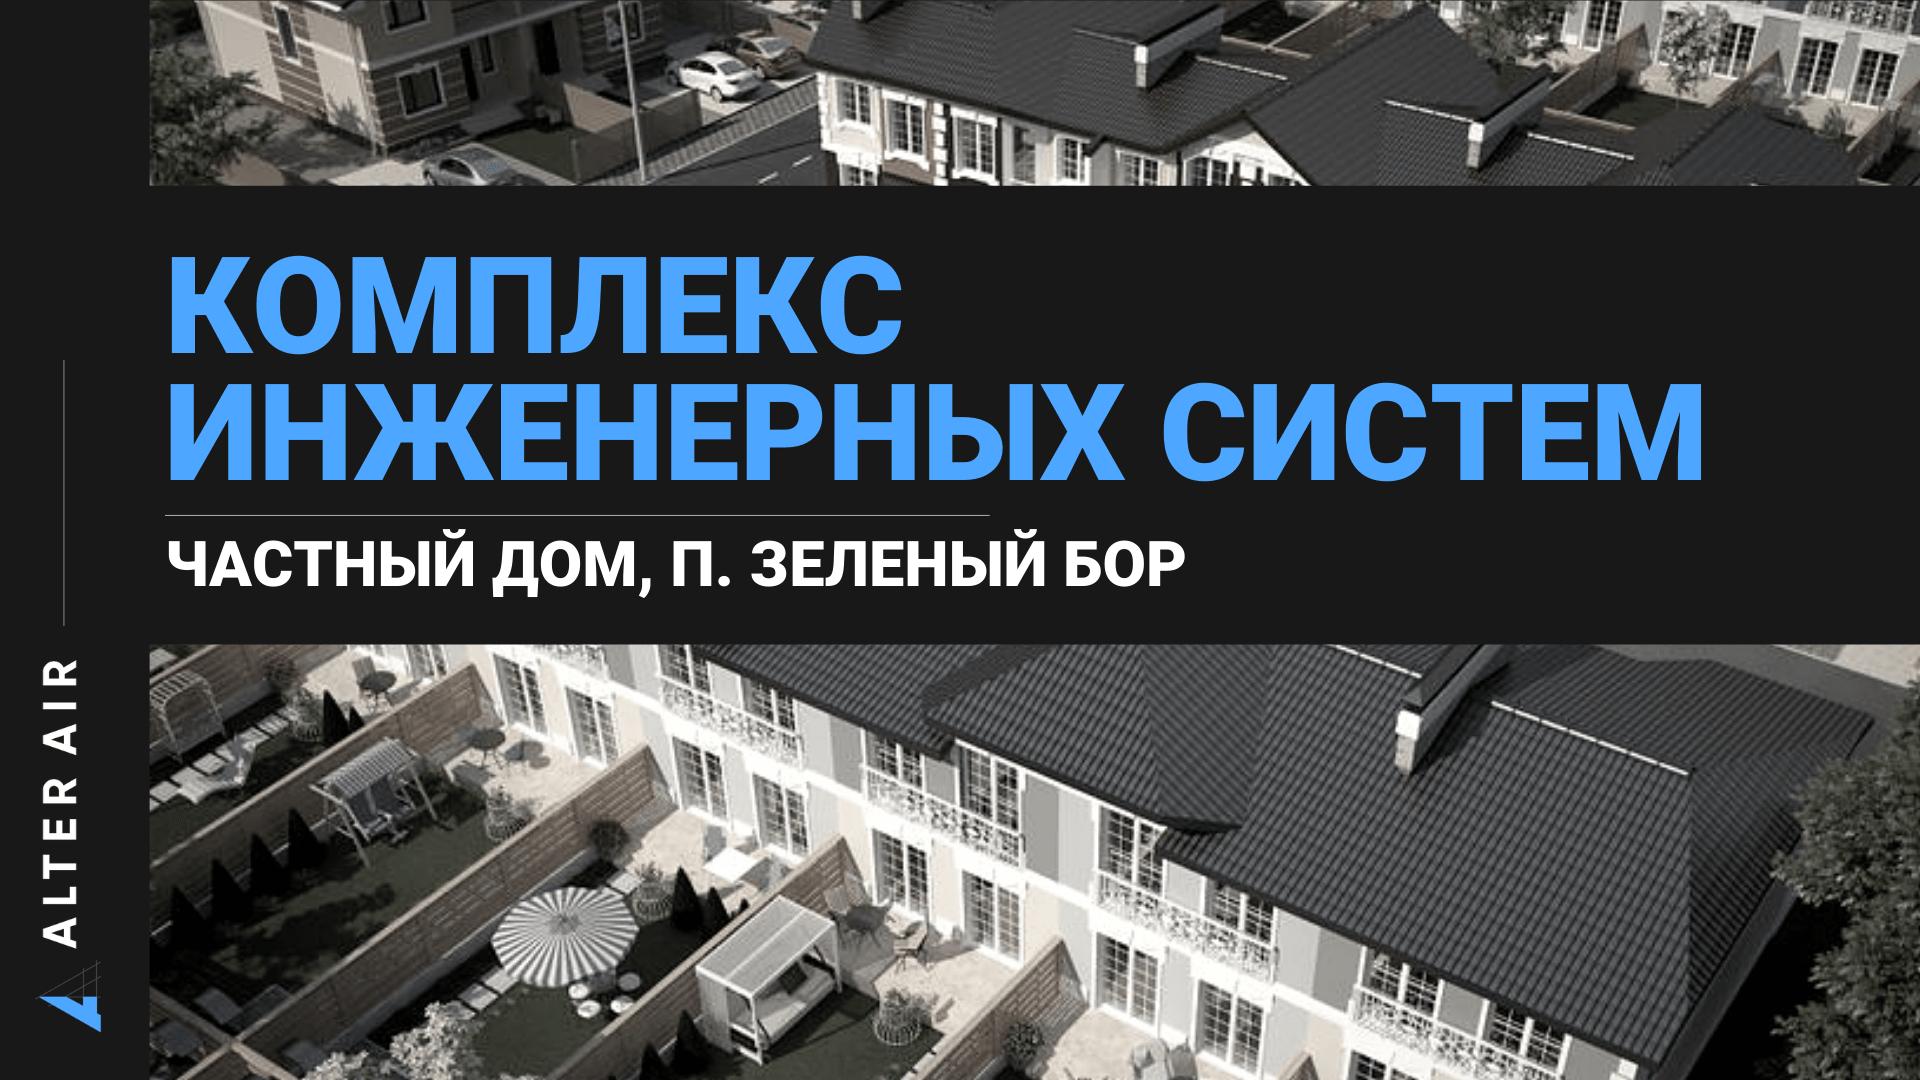 Фото с объекта (квартира 120 м², г. Борисполь)